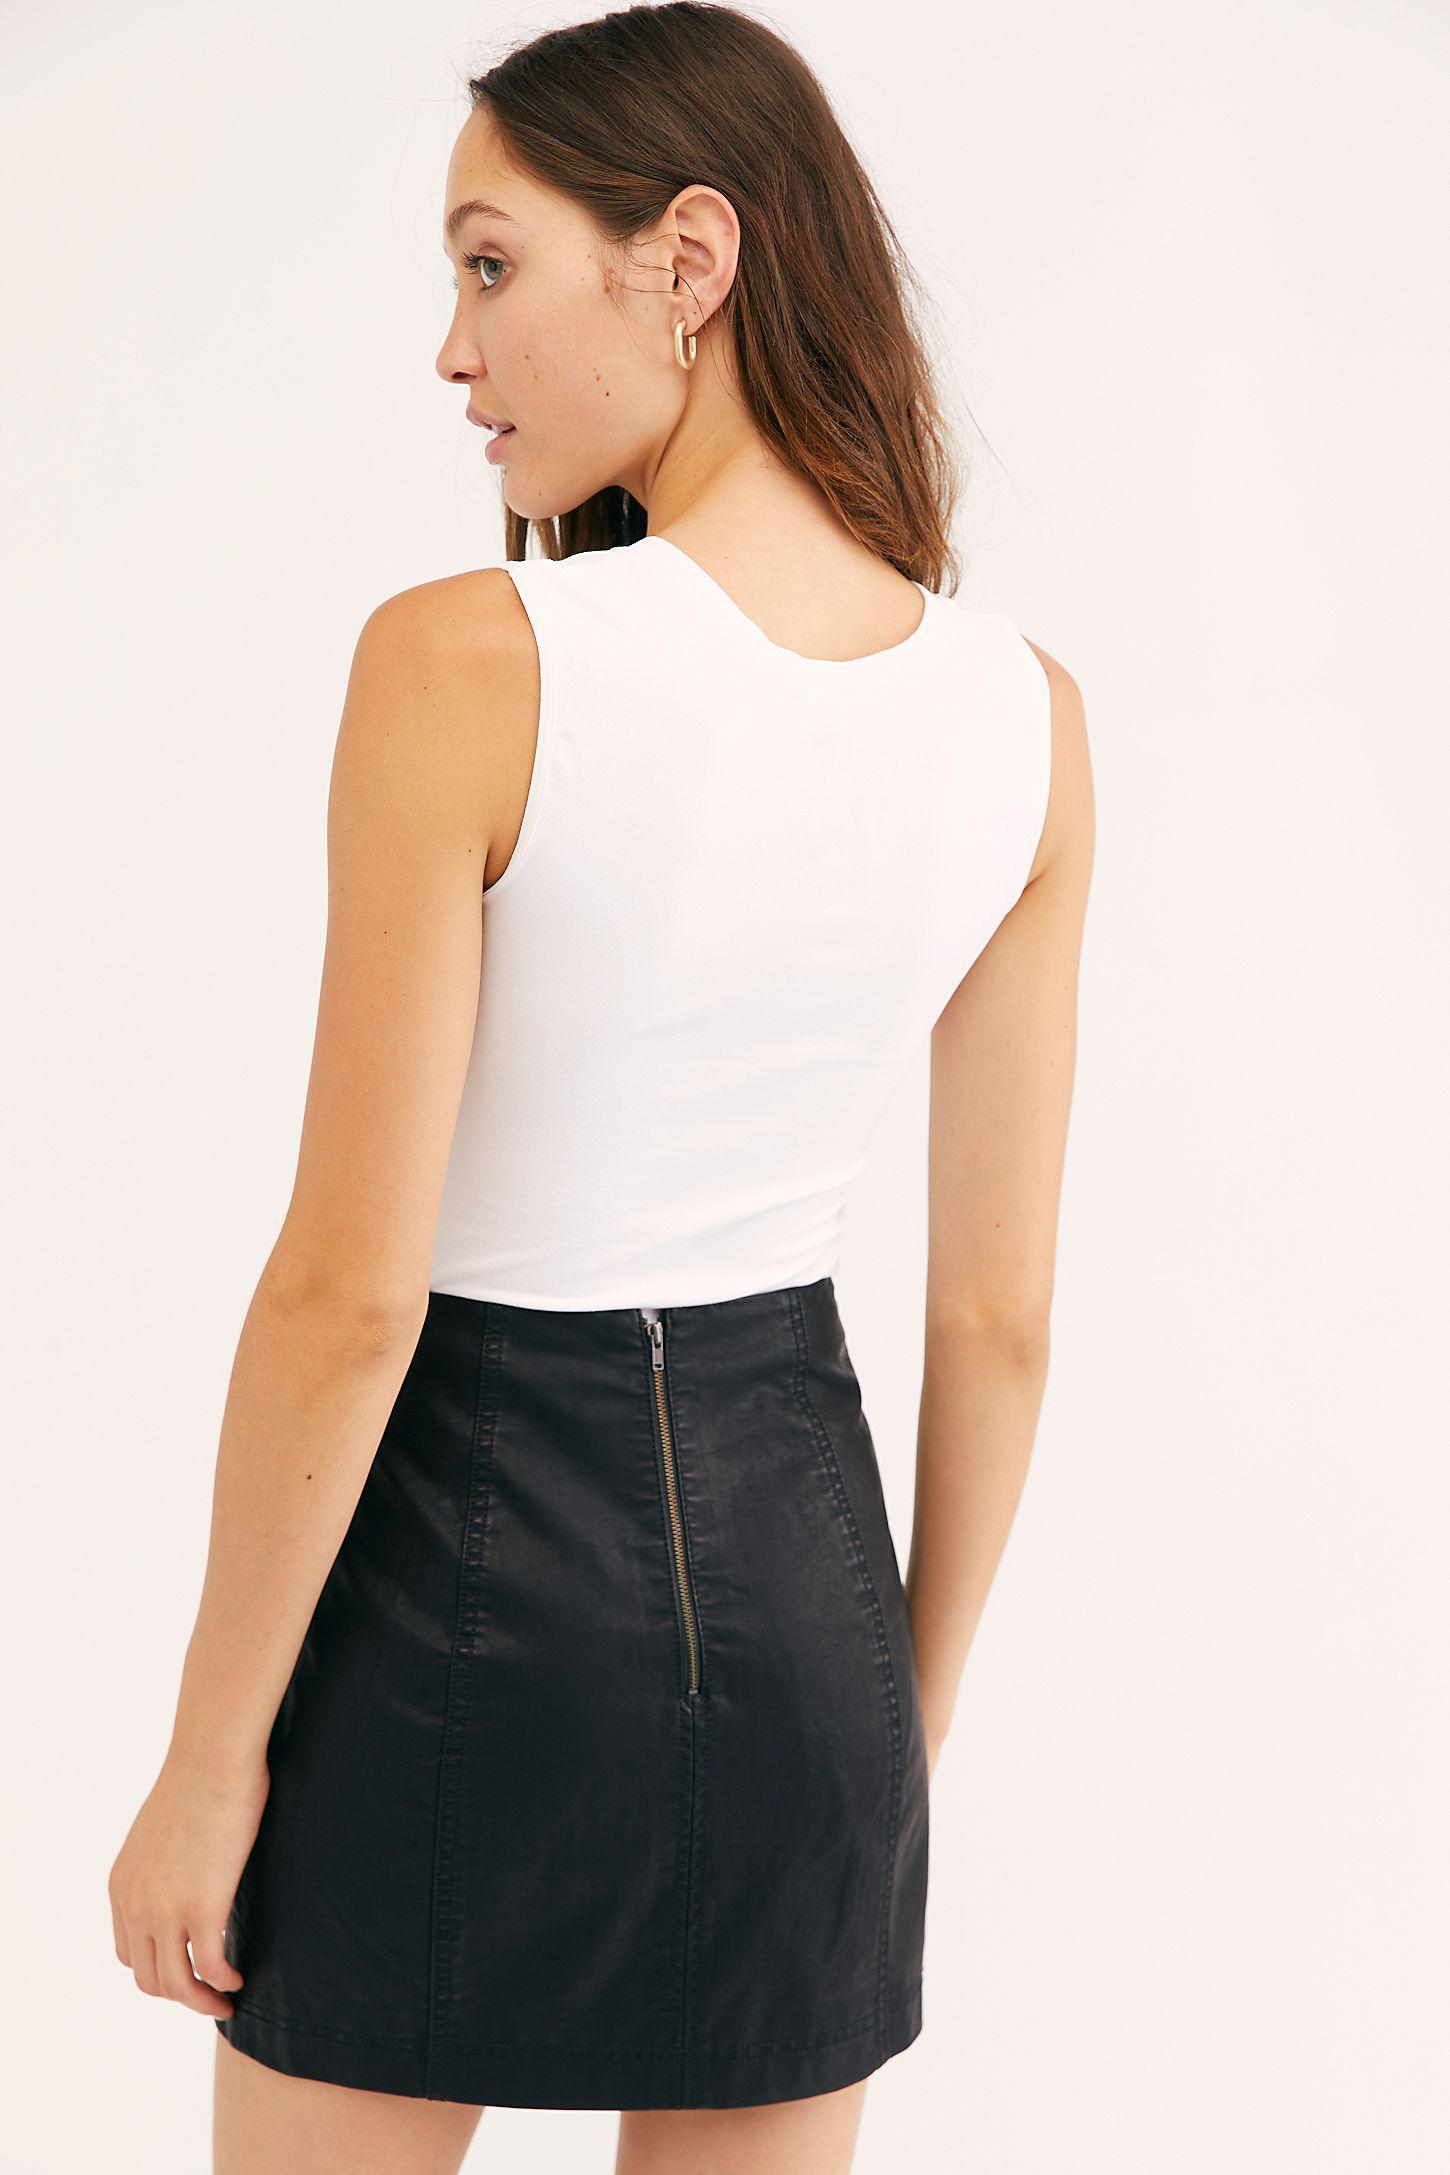 9854aec6f6 Slide View 3: Modern Femme Vegan Leather Mini Skirt